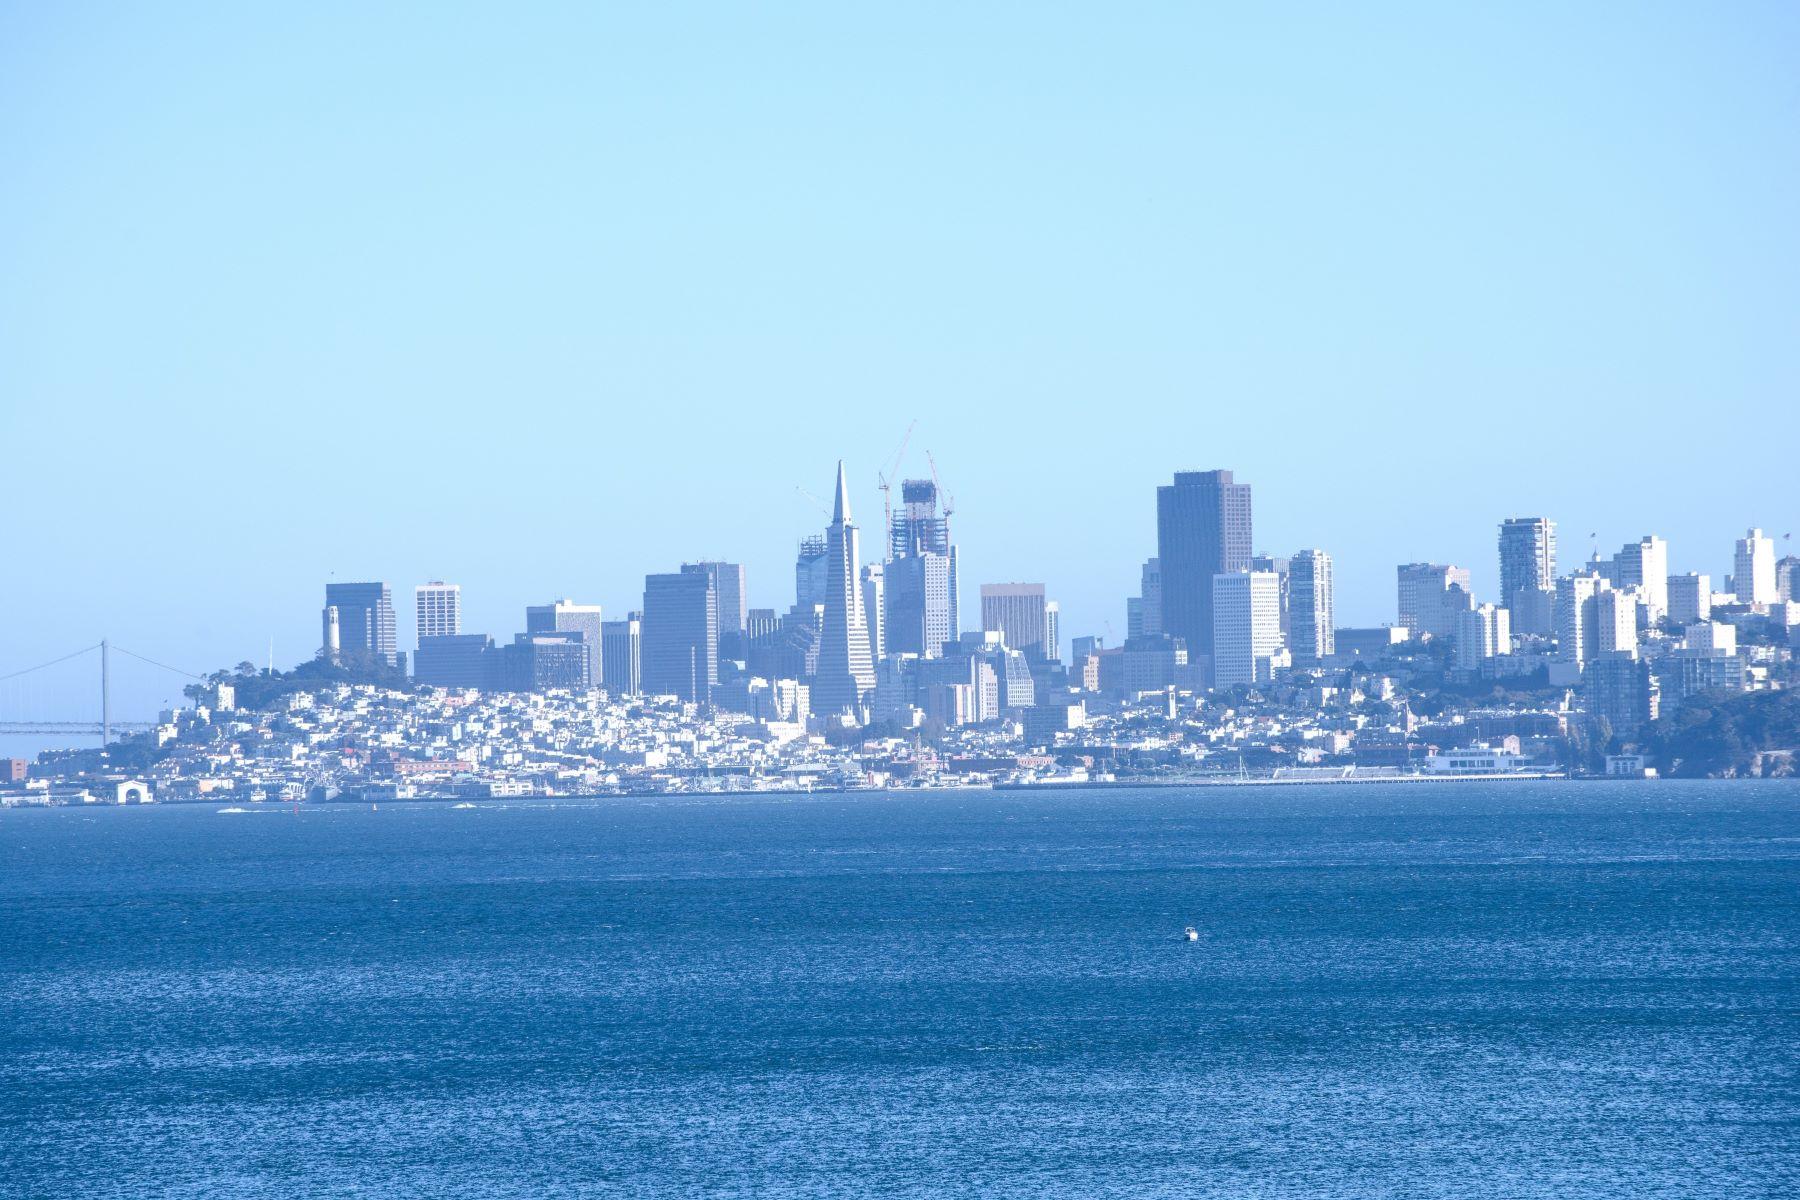 Частный односемейный дом для того Продажа на Stunning with San Francisco Skyline Views 109 Bulkley Avenue Sausalito, Калифорния 94965 Соединенные Штаты